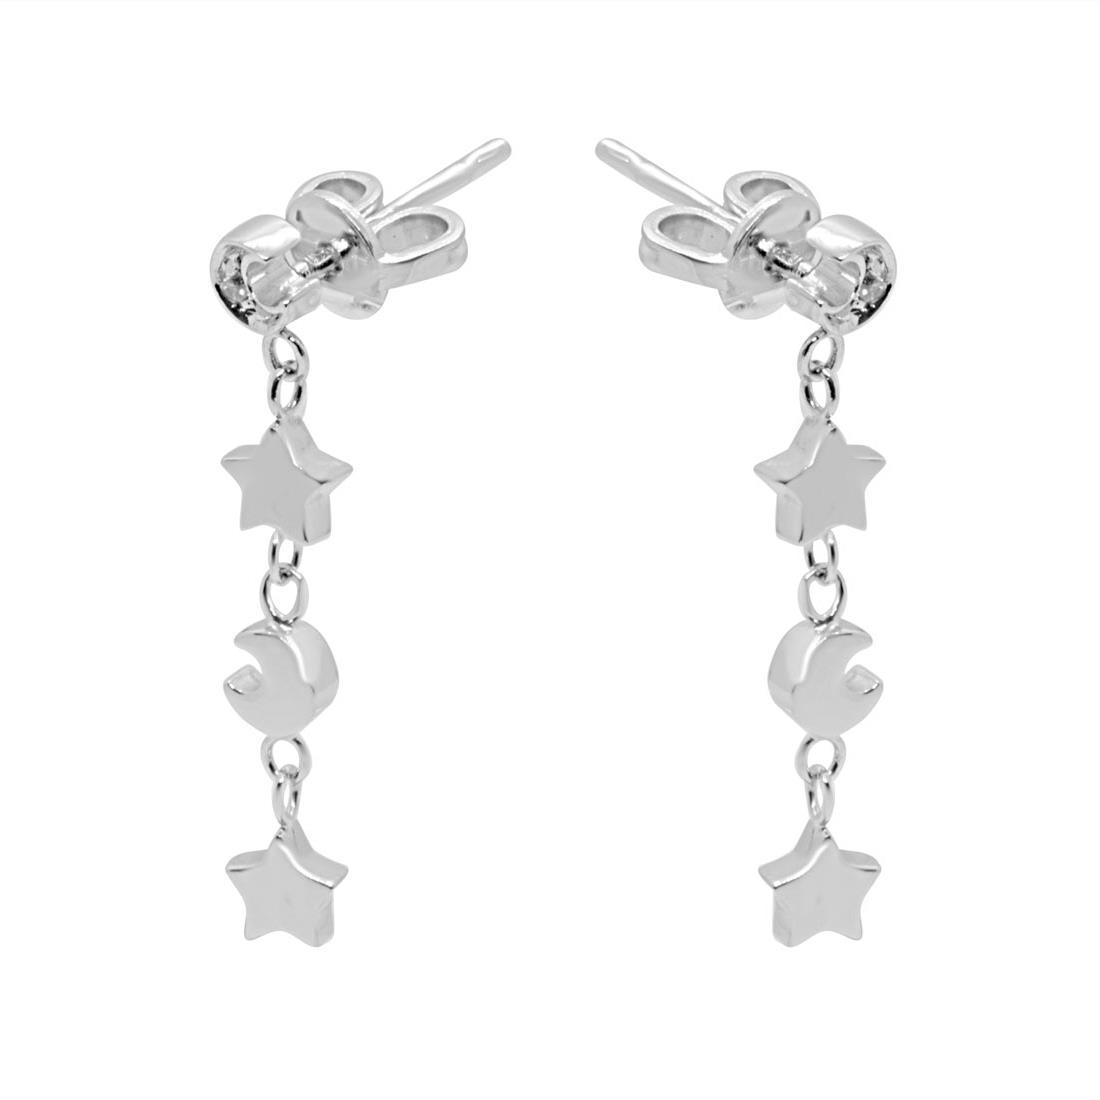 Orecchini in oro bianco con diamanti - ALFIERI & ST. JOHN